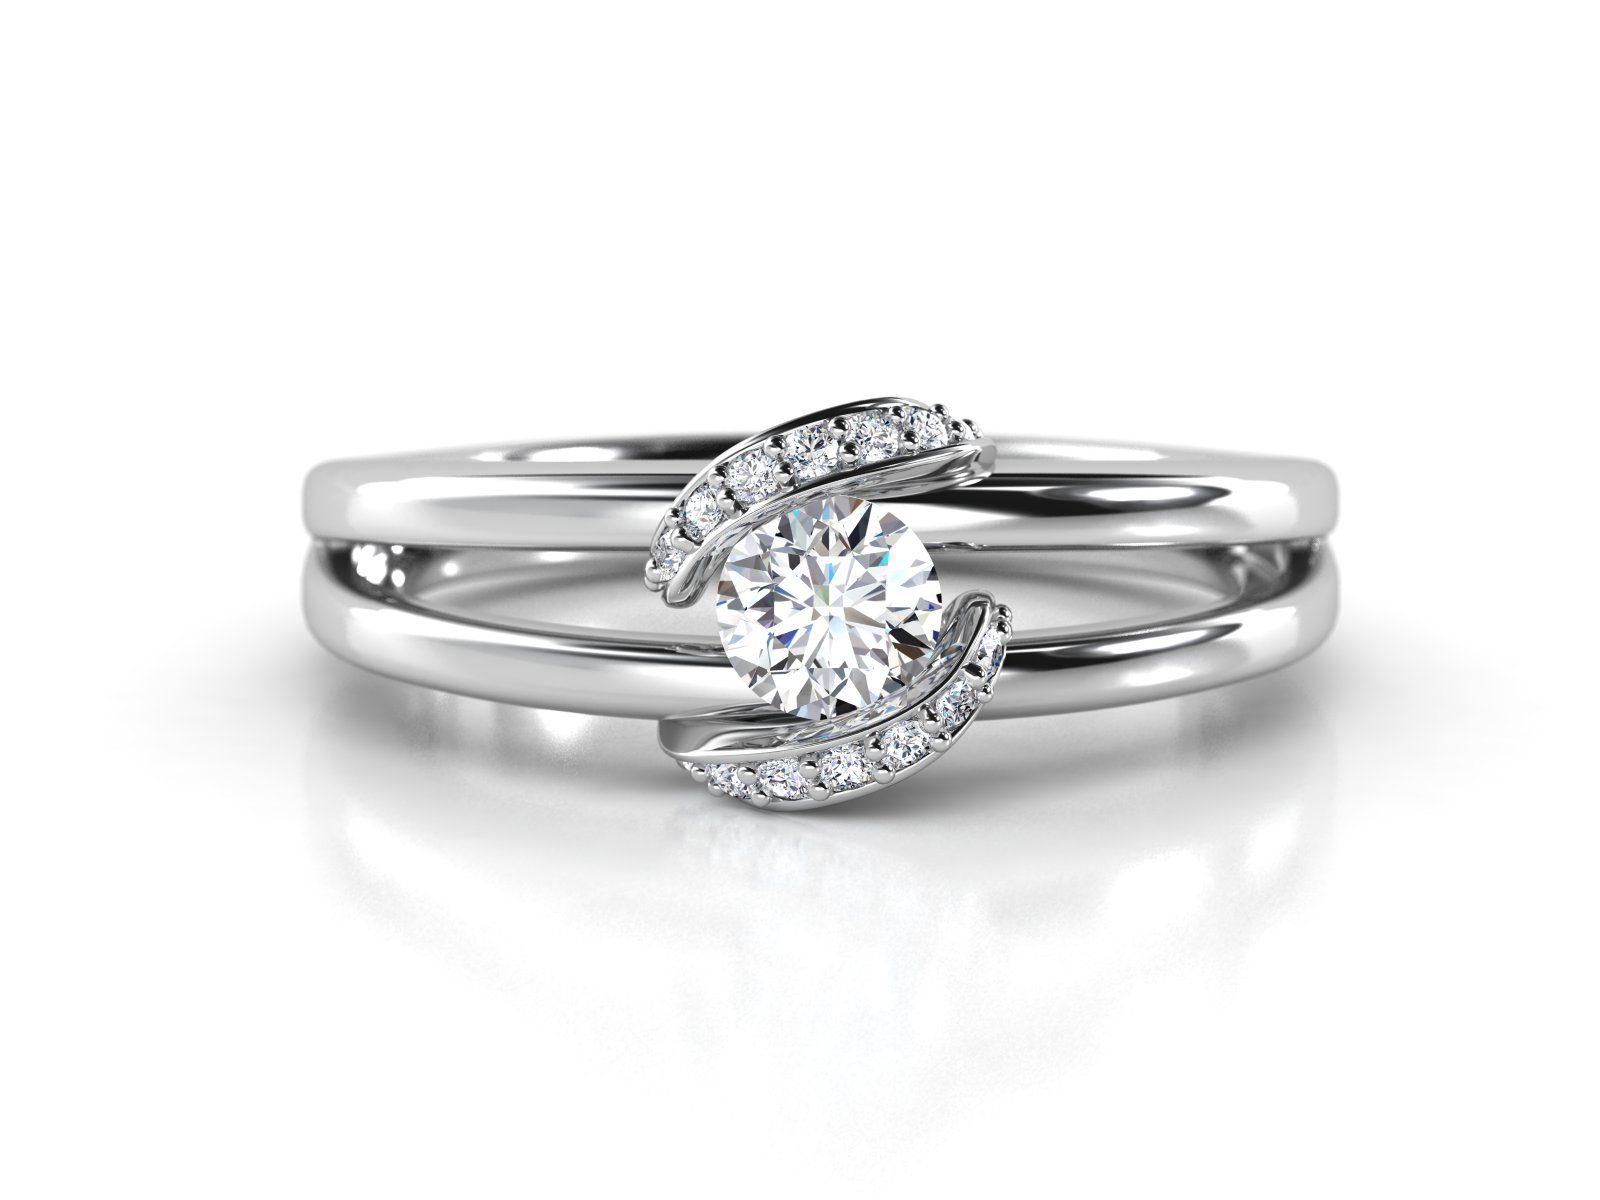 """טבעת-אירוסין-זהב-לבן-מעוצבת-בסגנון-מודרני-סה""""כ-0.30-קראט-יהלומים-3"""